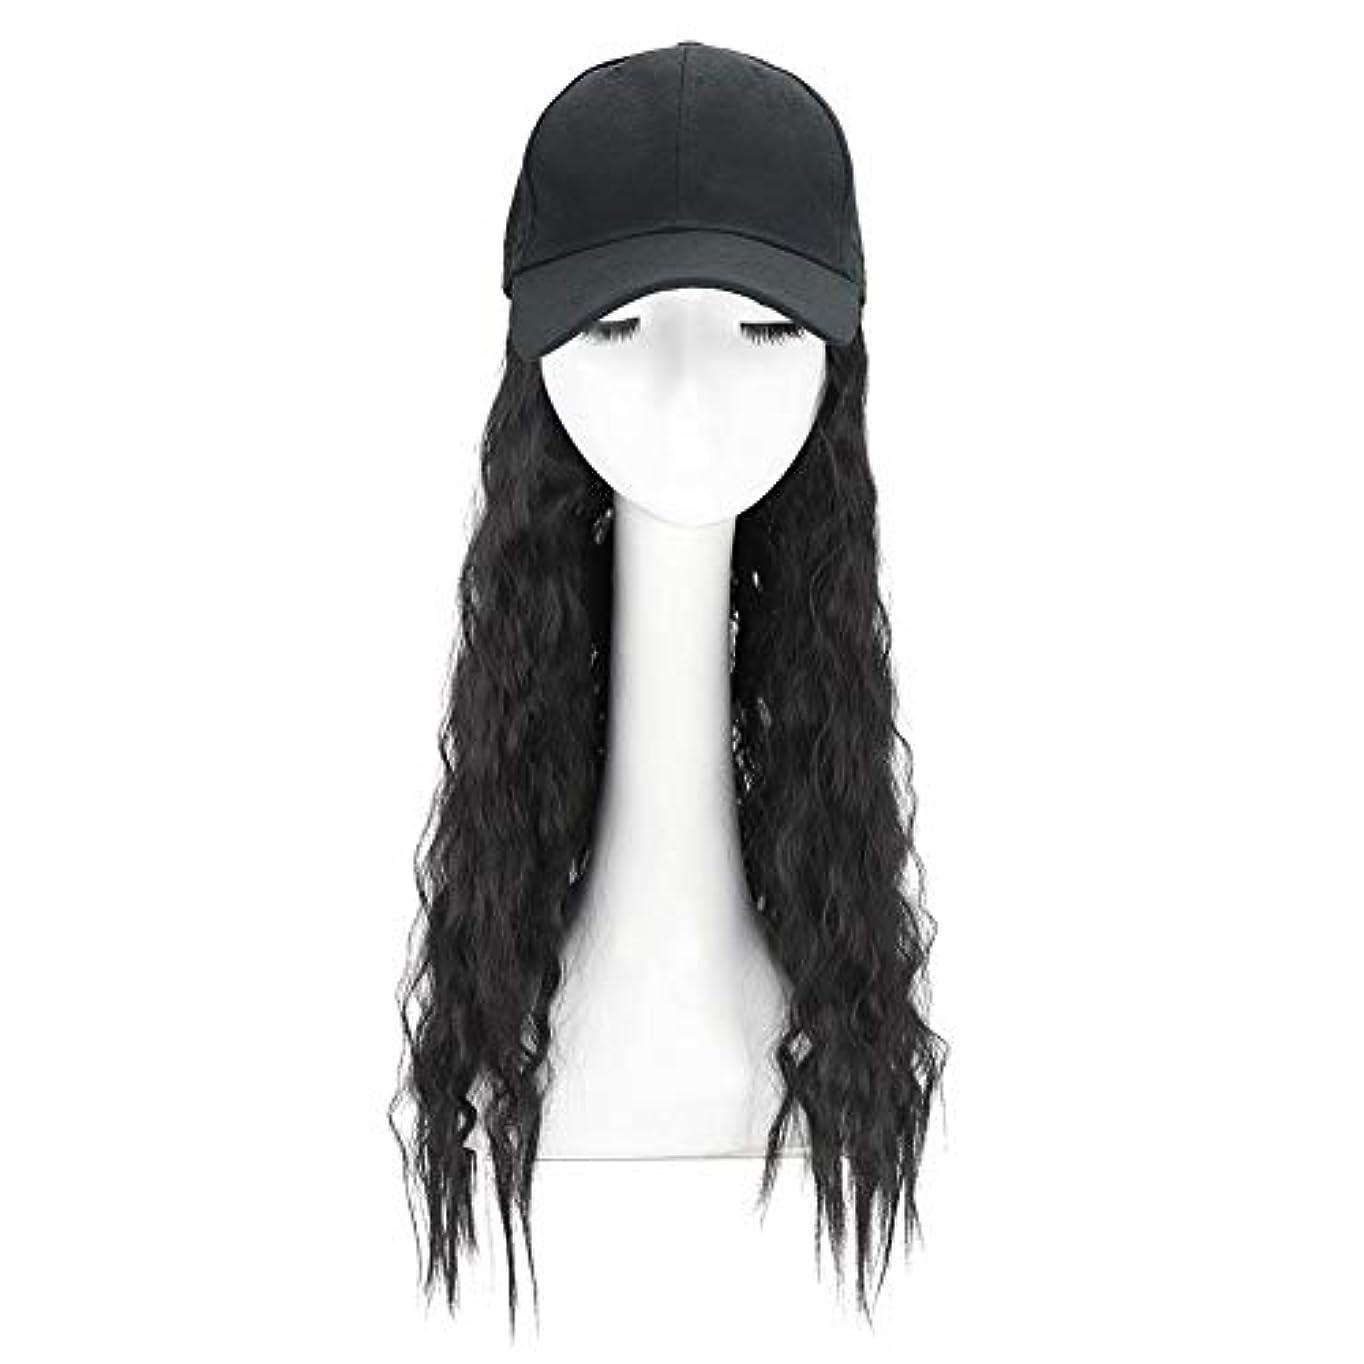 ペニー週間パノラマBrill(ブリーオ)帽子ロングカーリーウェーブ女性ファッション野球帽ブラックウィッグ